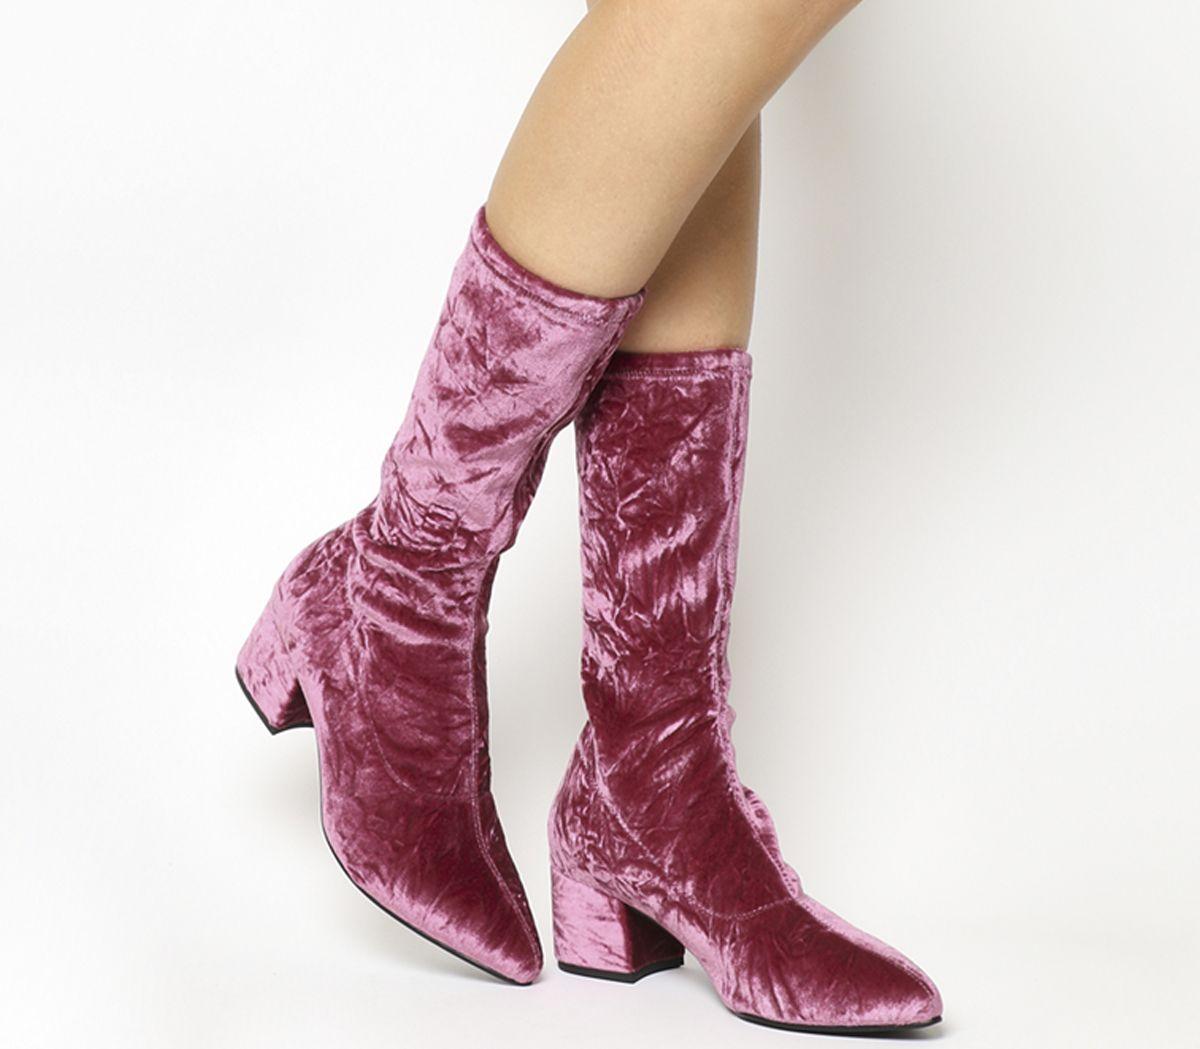 58e530aa6aeb5 Mya Tall Boots